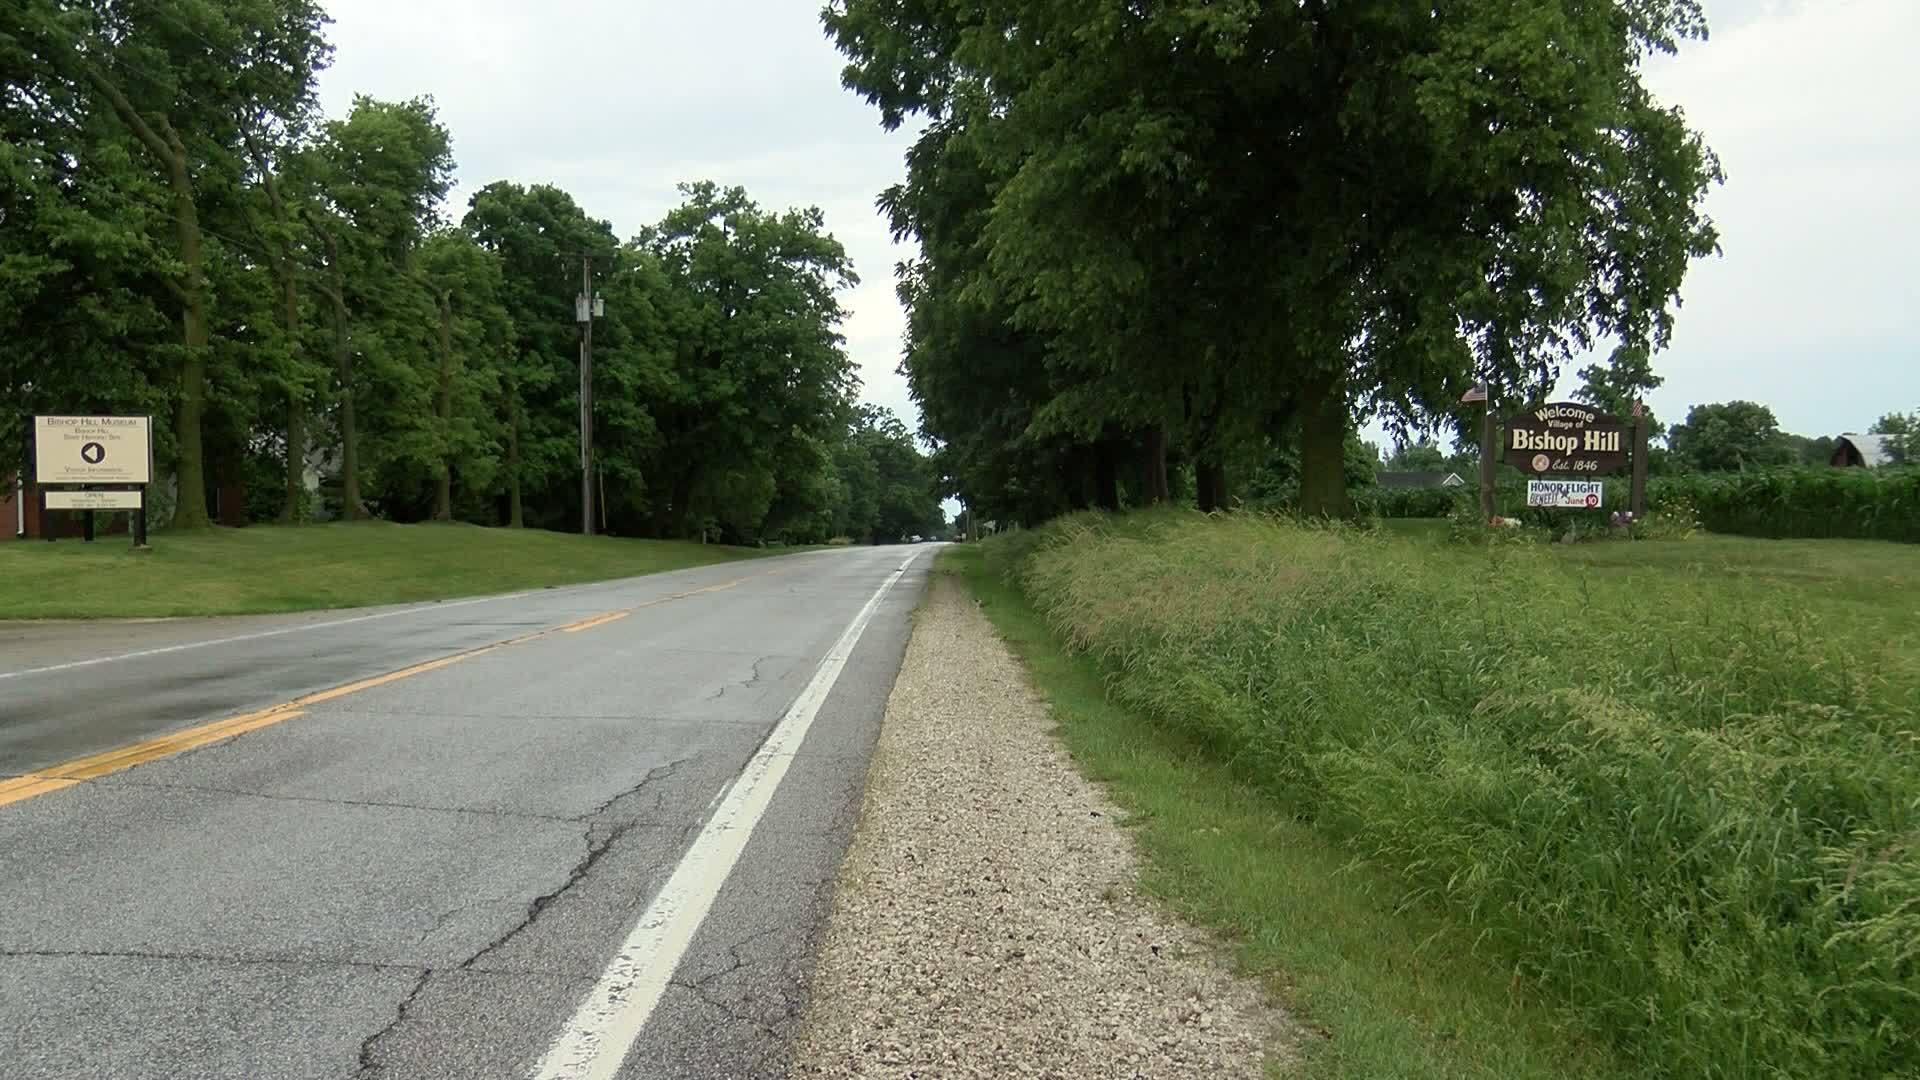 Destination Illinois: Bishop Hill